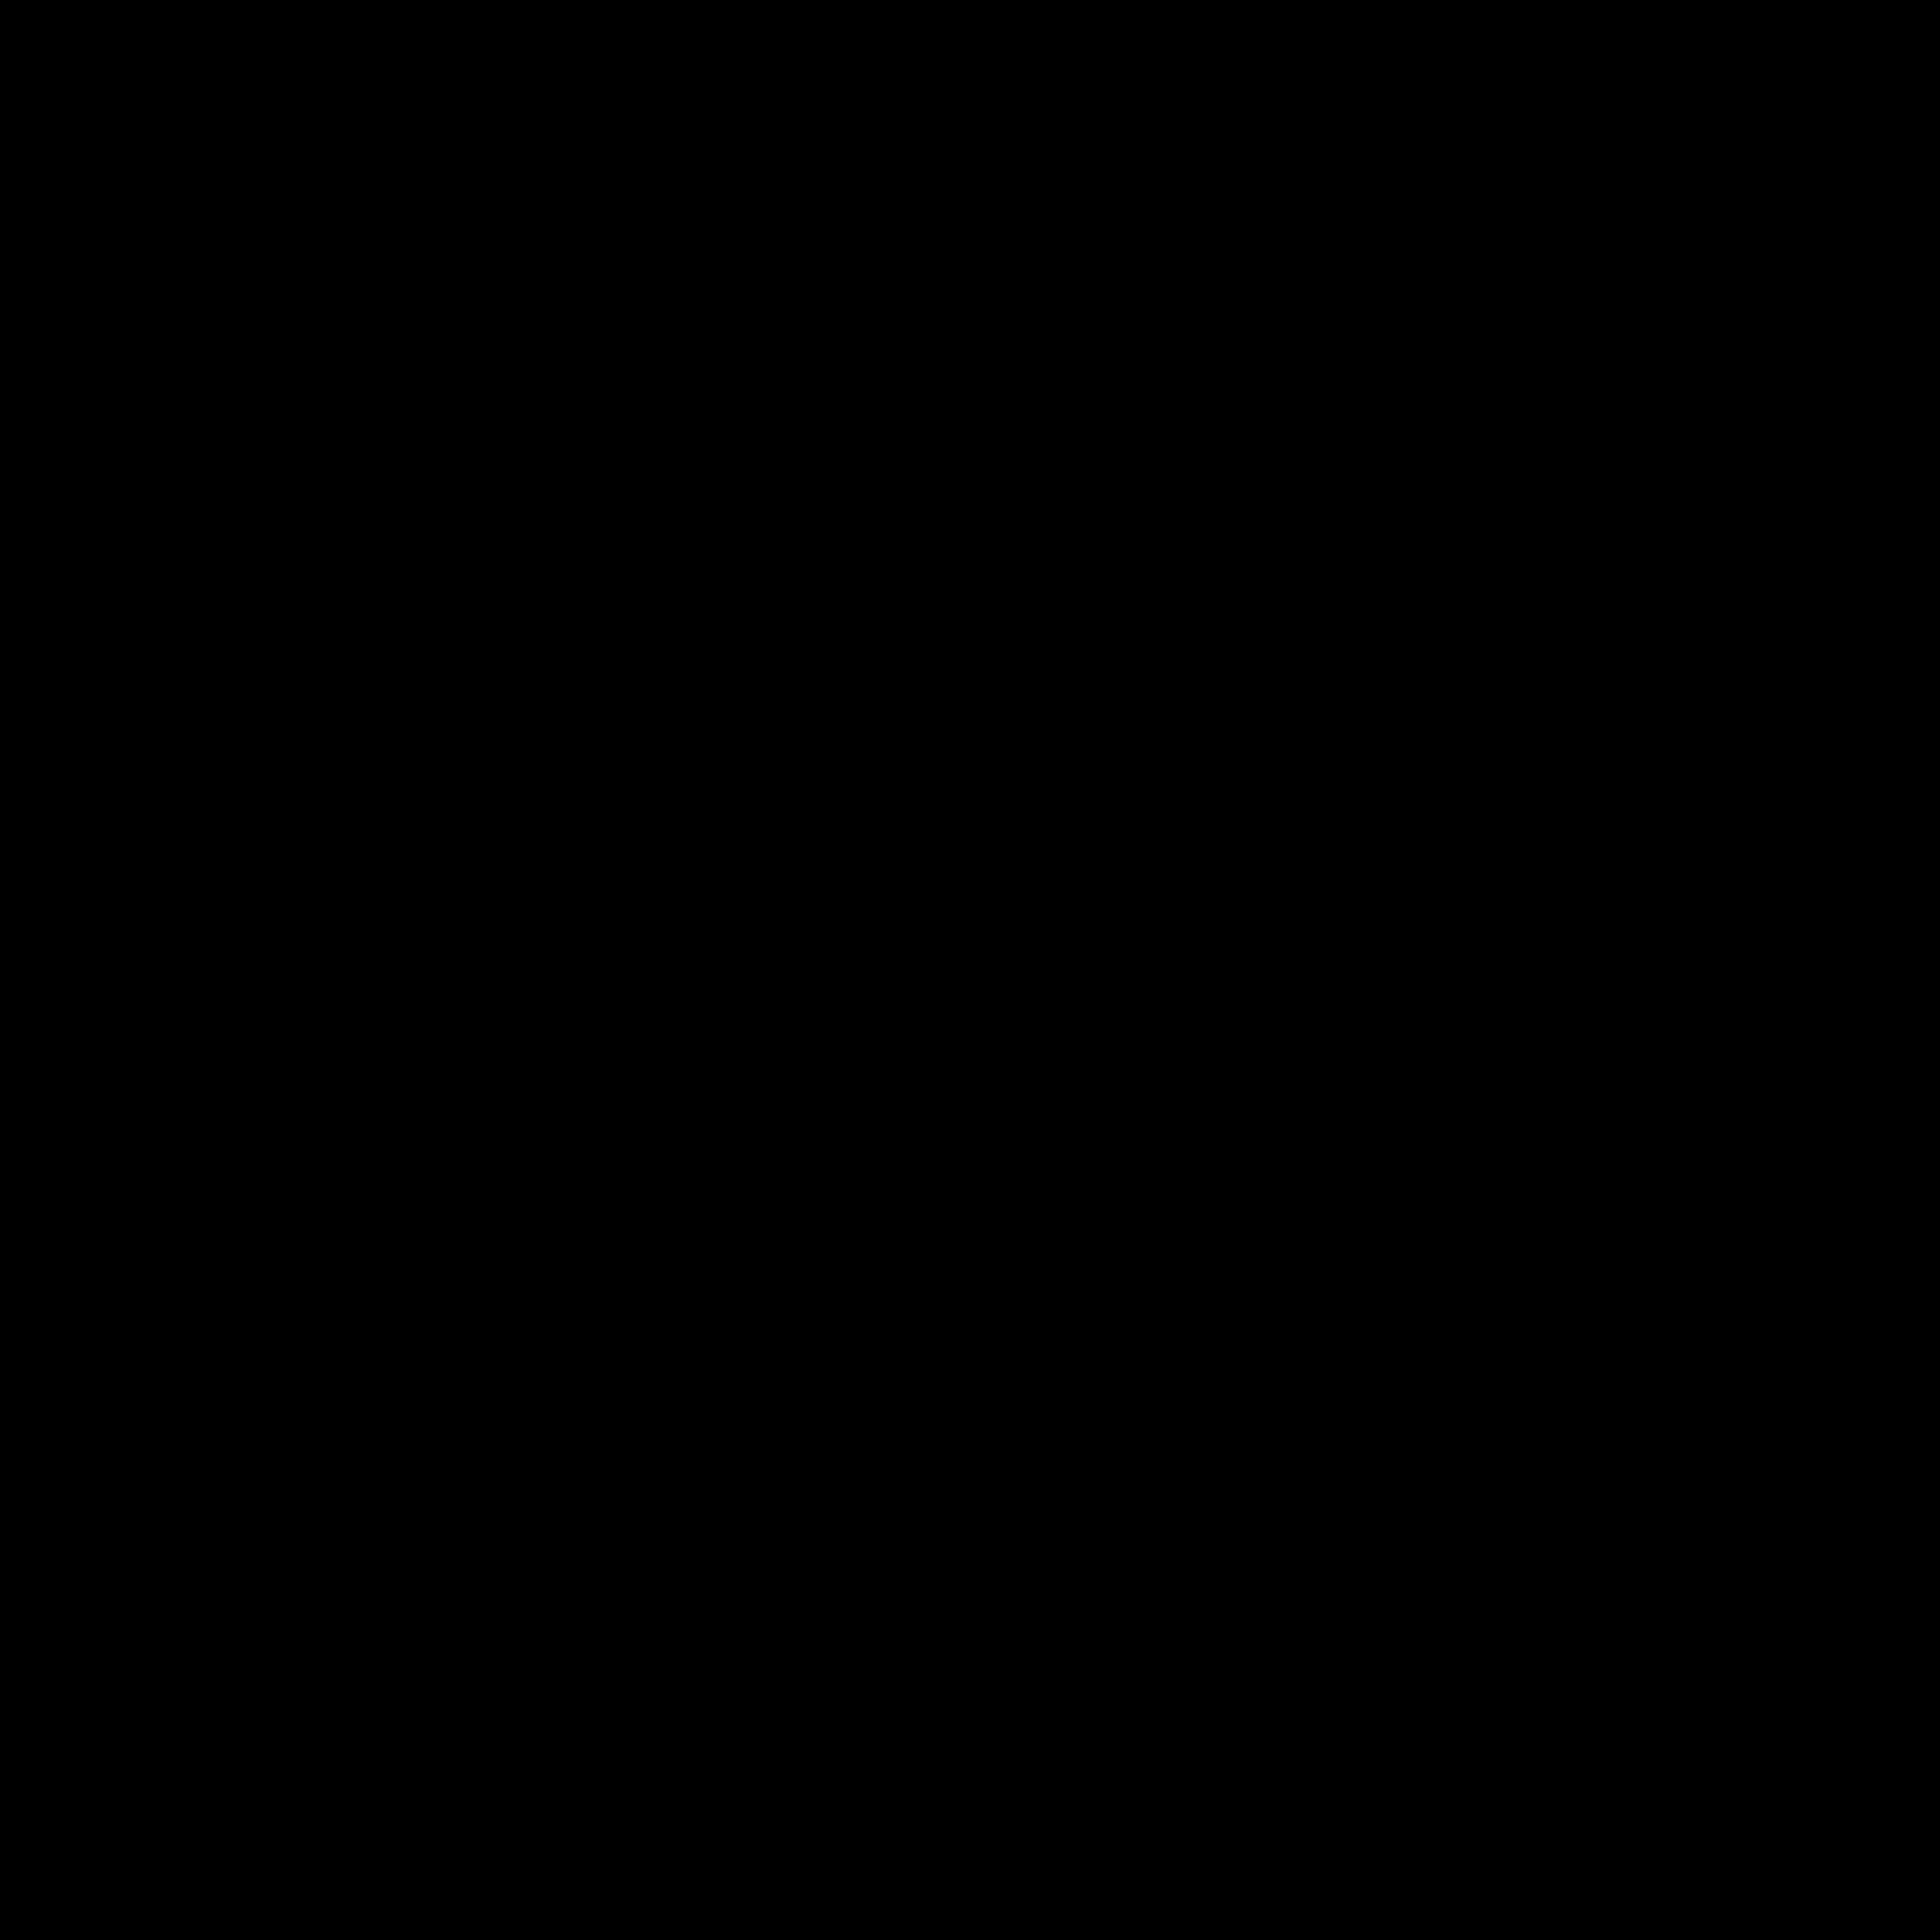 4096x4096 Instagram Logo Eps Png Transparent Instagram Logo Eps.png Images